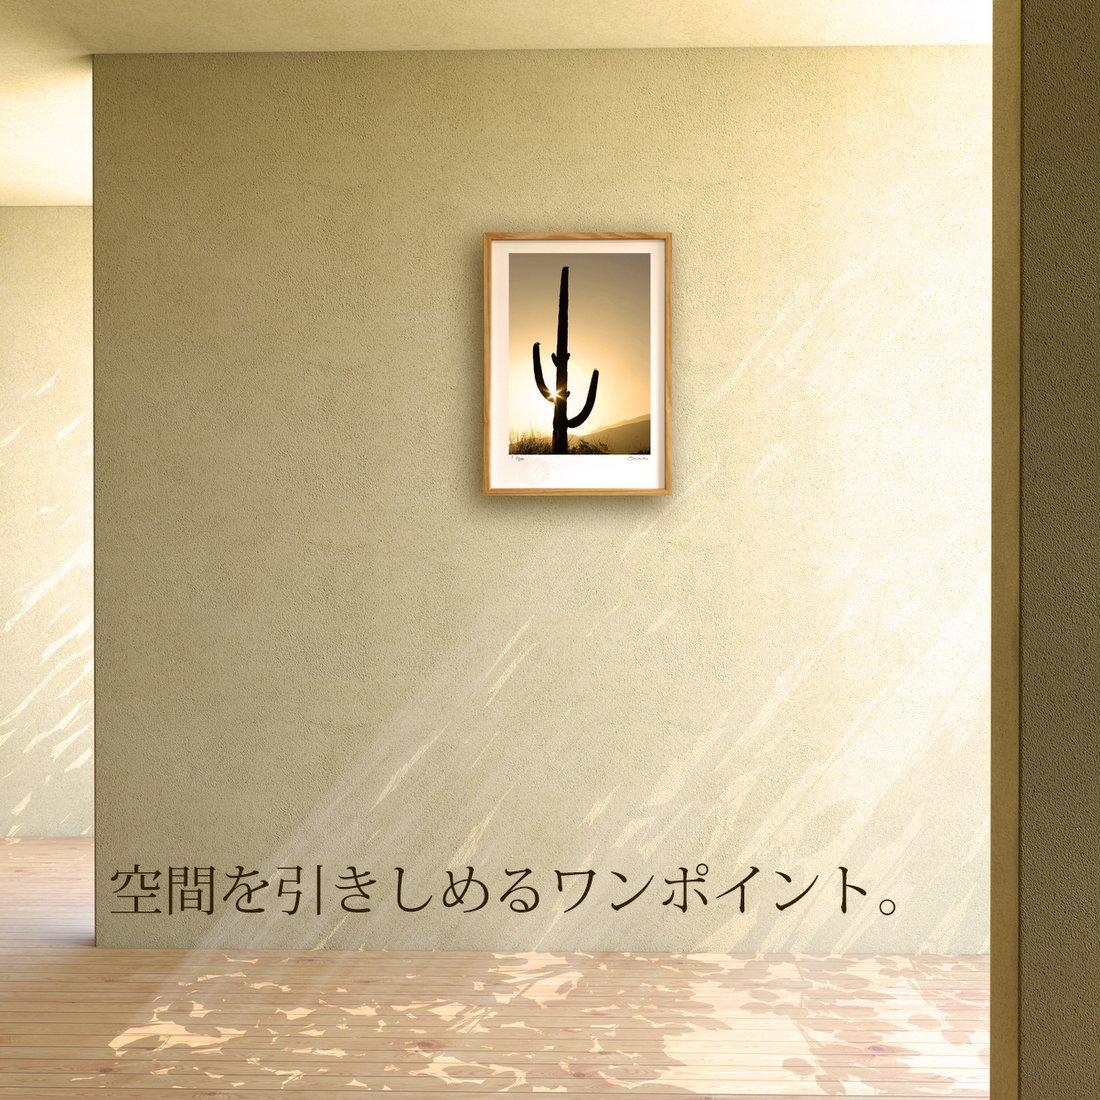 【版画 絵画】パームツリー レトロスタイル4(スミコ スコット)/インテリア 壁掛け 額入り アート アートパネル アートフレーム